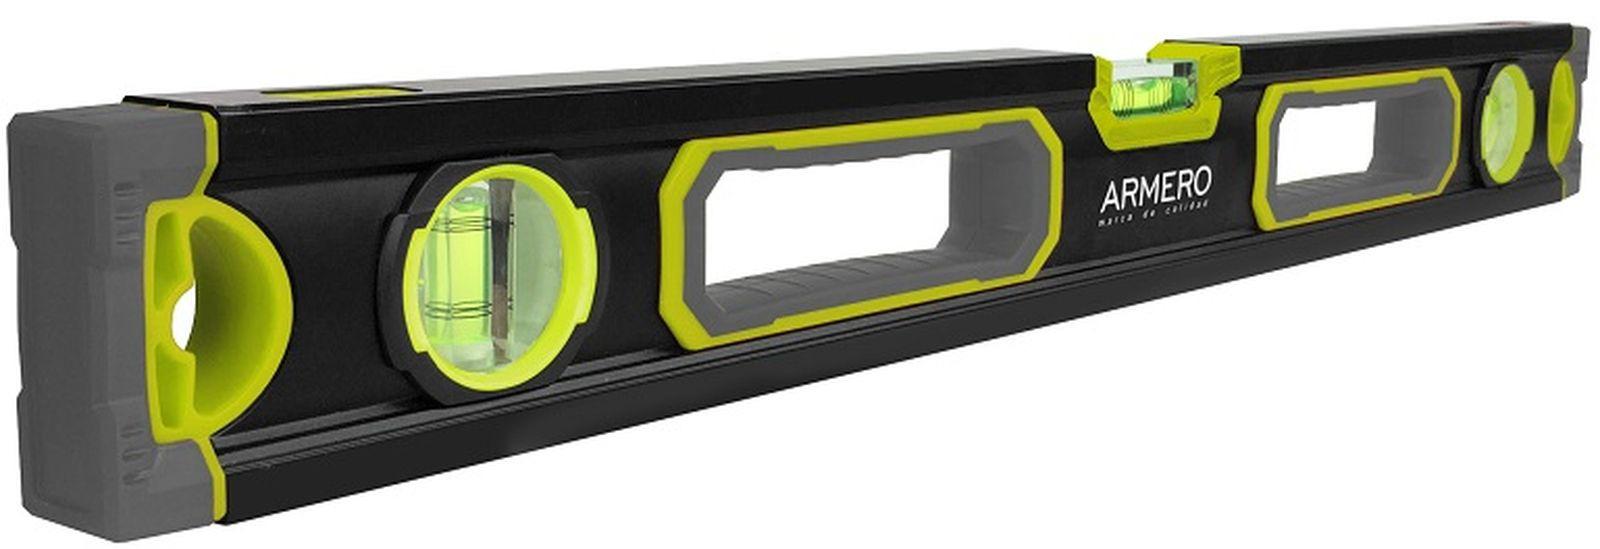 Уровень алюминиевый Armero, усиленный, 3 глазка, магнит, 60 см